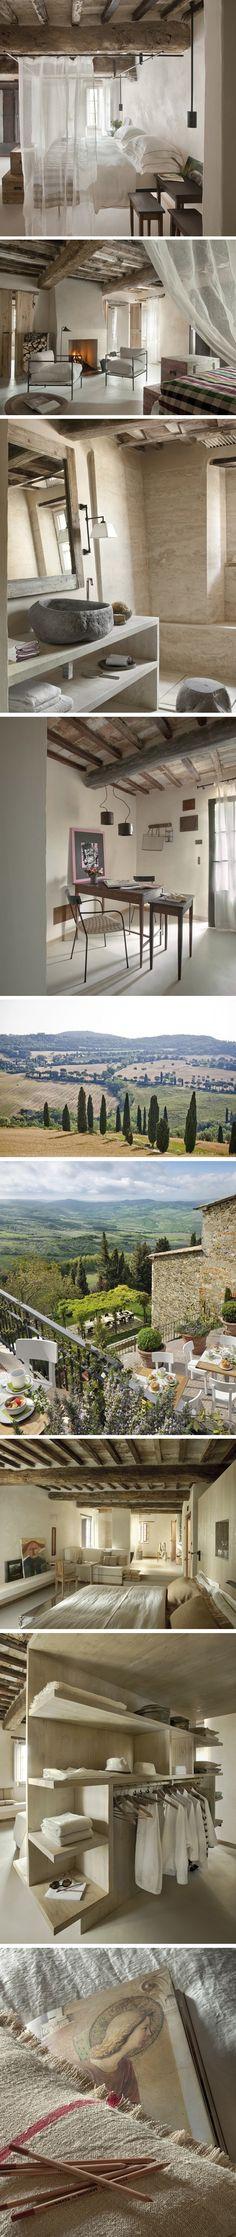 Hôtel de charme dans les collines toscanes La réhabilitation de trois vieux bâtiments délabrés, dans un tout petit village reculé de Toscane, a donné naiss